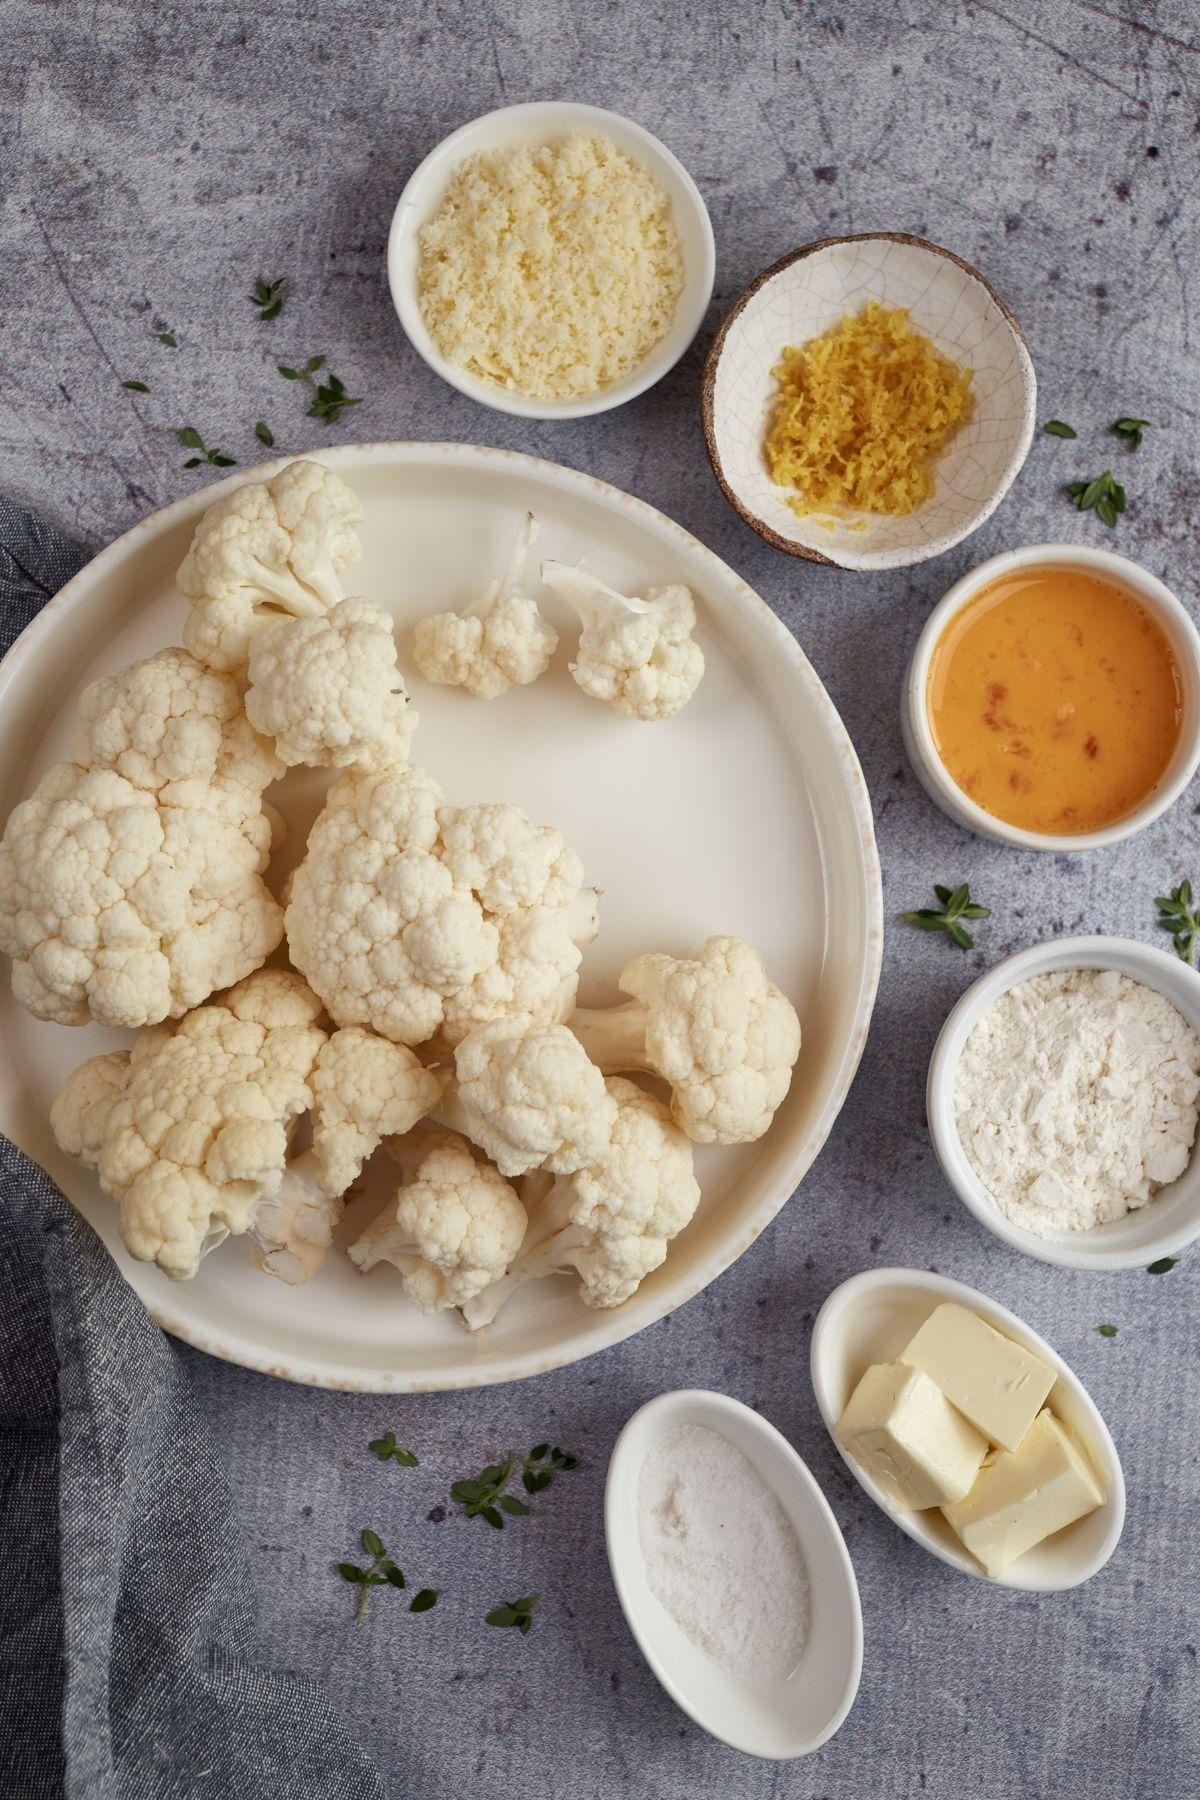 Ingredients for cauliflower gnocchi